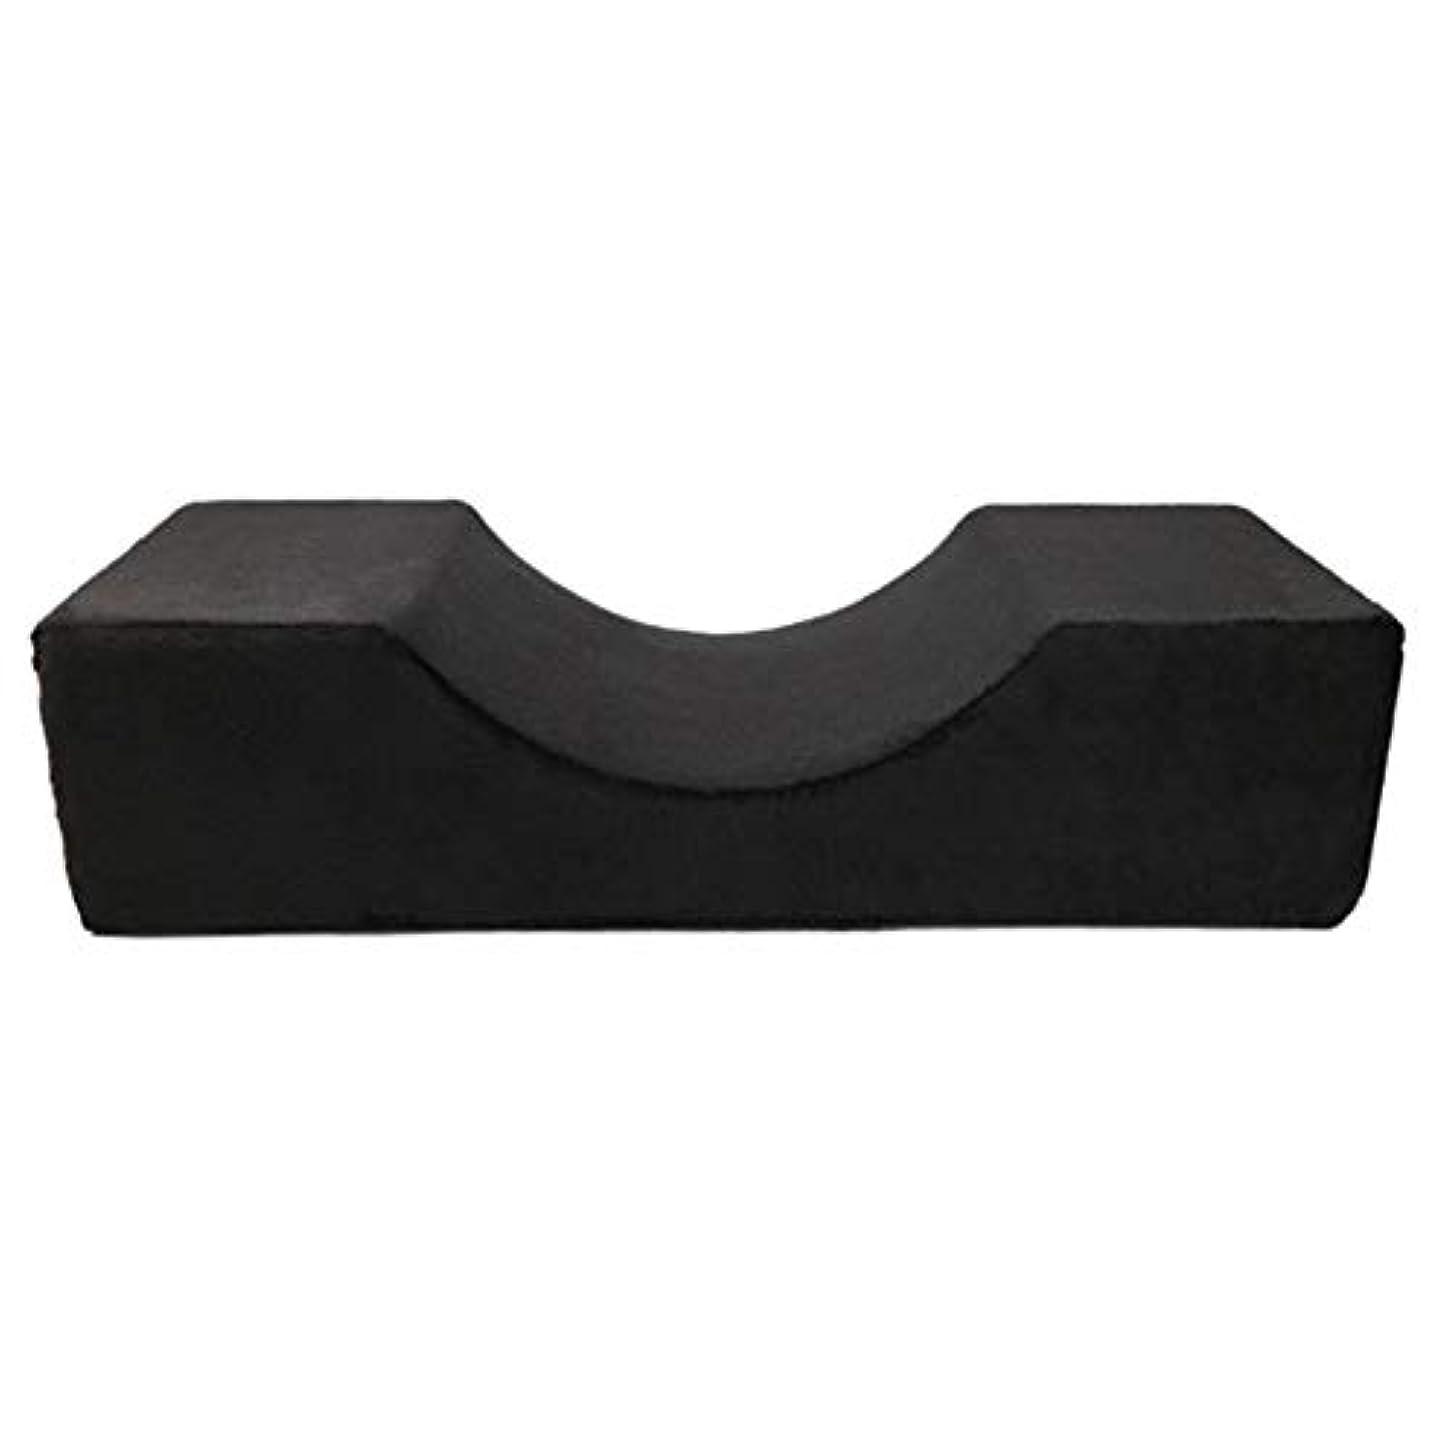 かもしれない端オープナーBlulux まつげ移植美容枕PUレザー防水まつげ枕移植まつげ枕(opp袋)